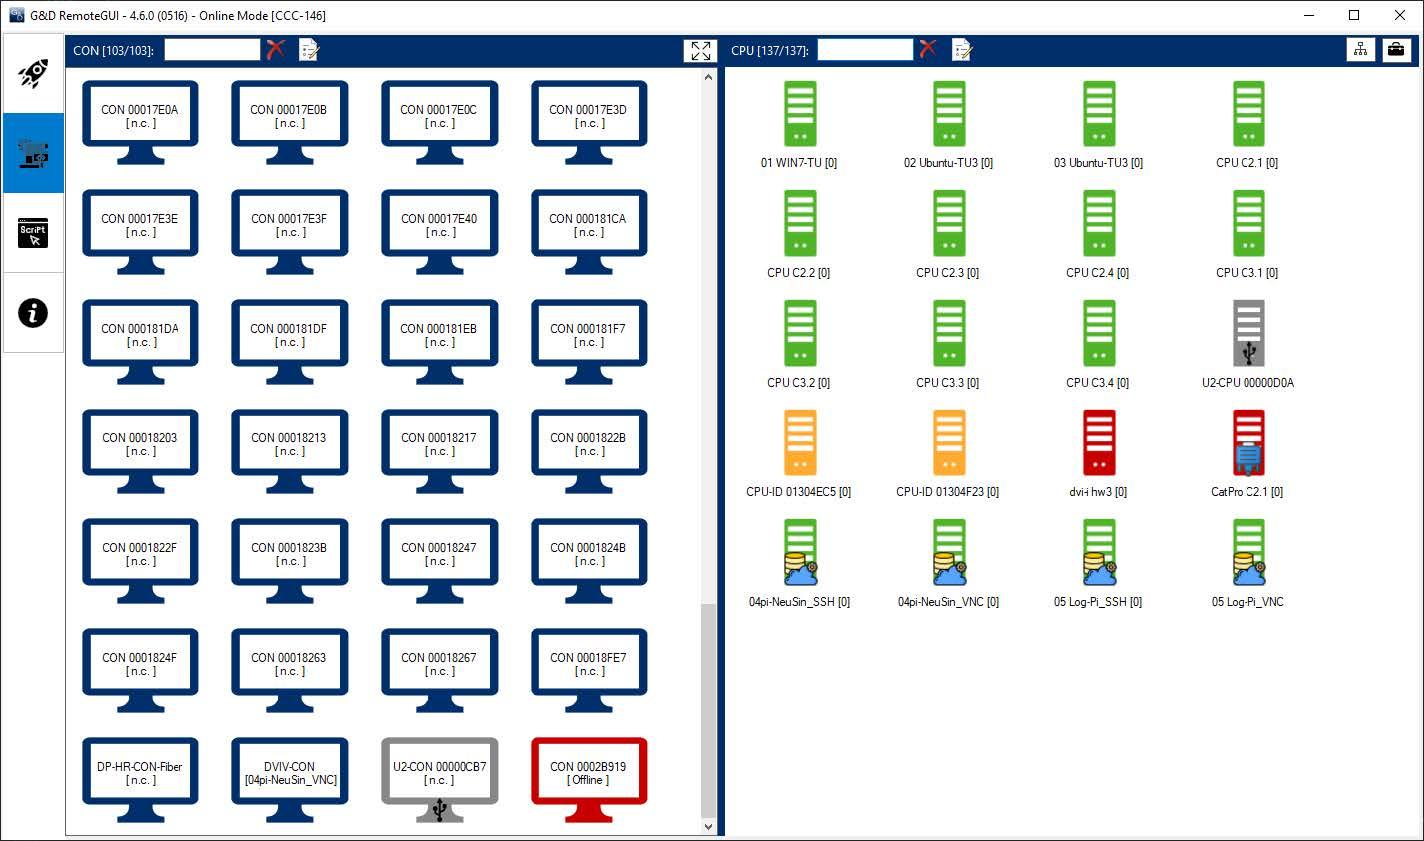 RemoteGUI: Übersicht aller CON- und CPU-Module, dargestellt in verschiedenen Farben, die auf den Stauts der Module hinweisen